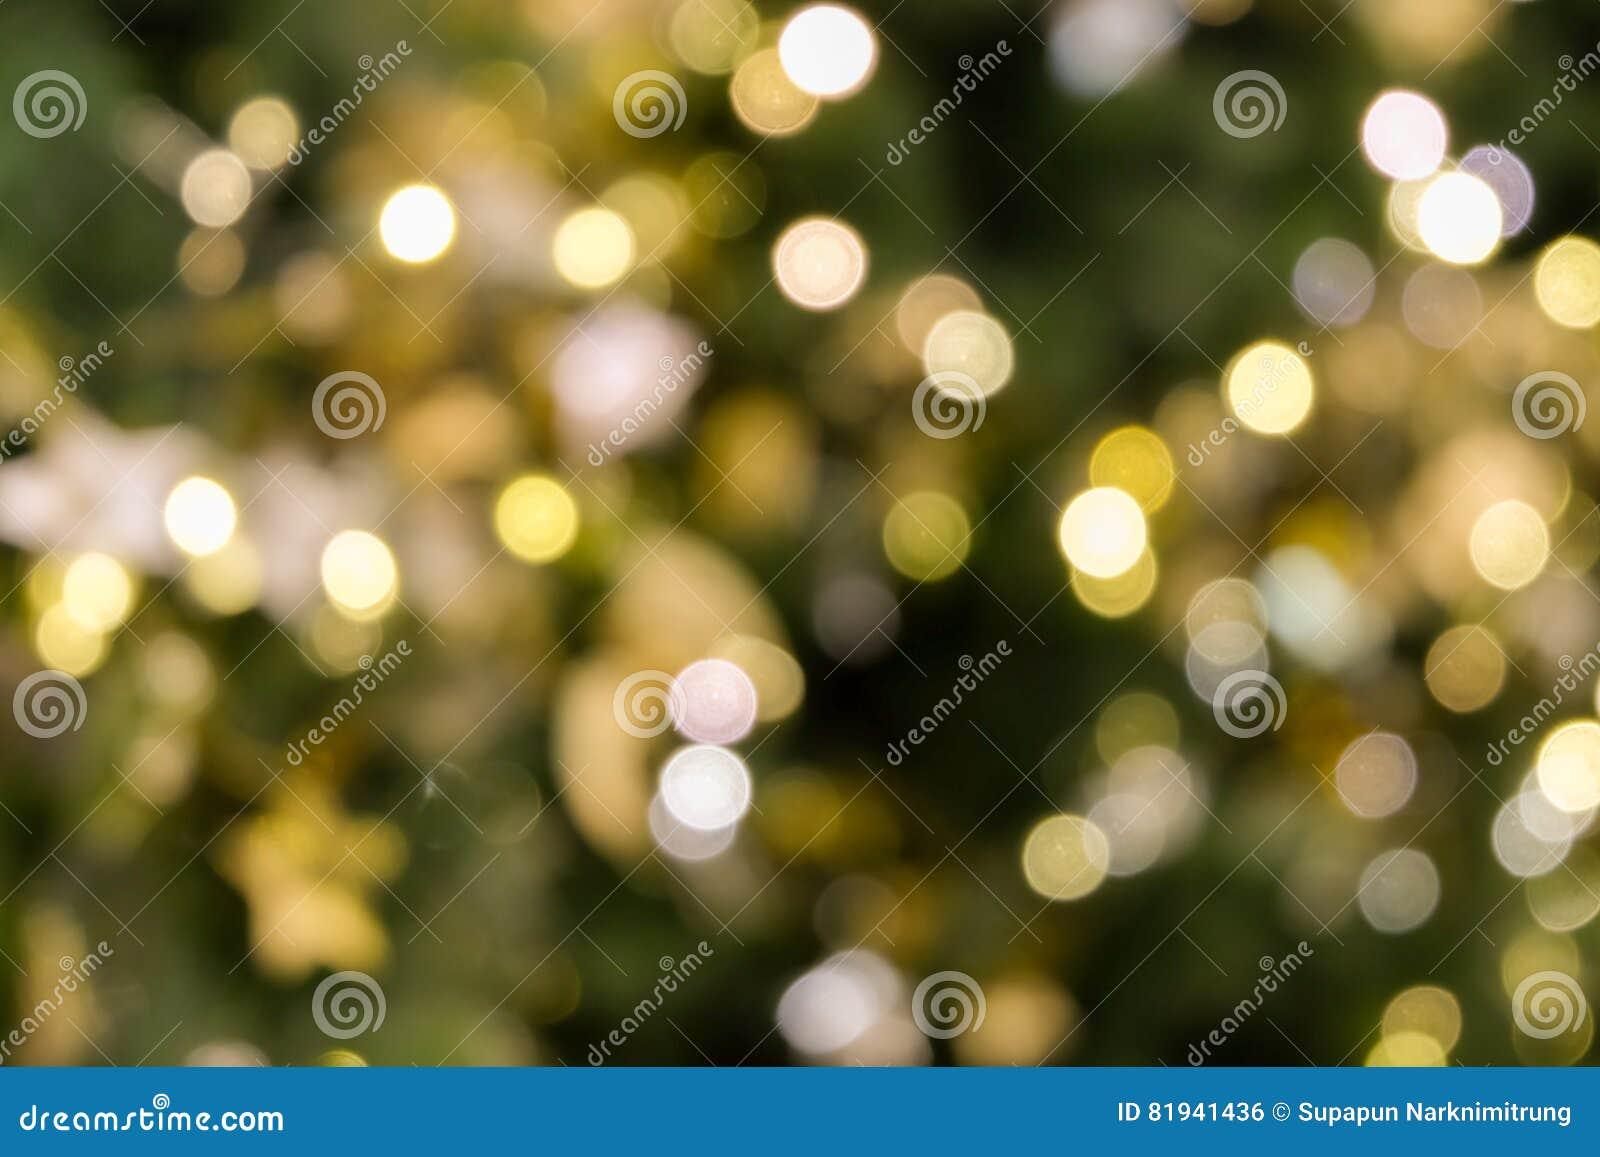 La Luz Del Bokeh Del árbol De Navidad En El Color De Oro Amarillo ...